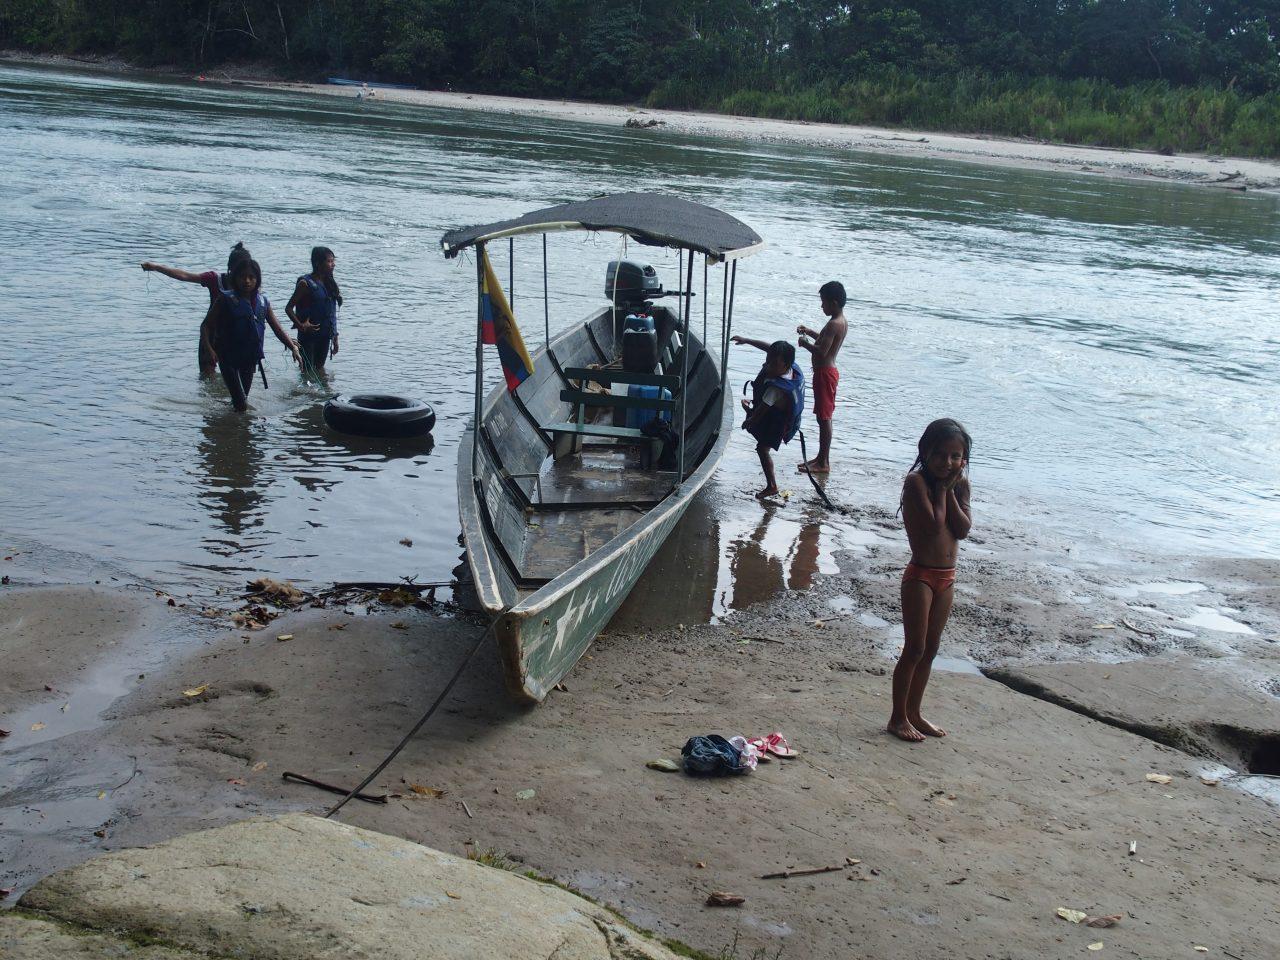 Retour de baignade dans le Napo en Amazonie équatorienne